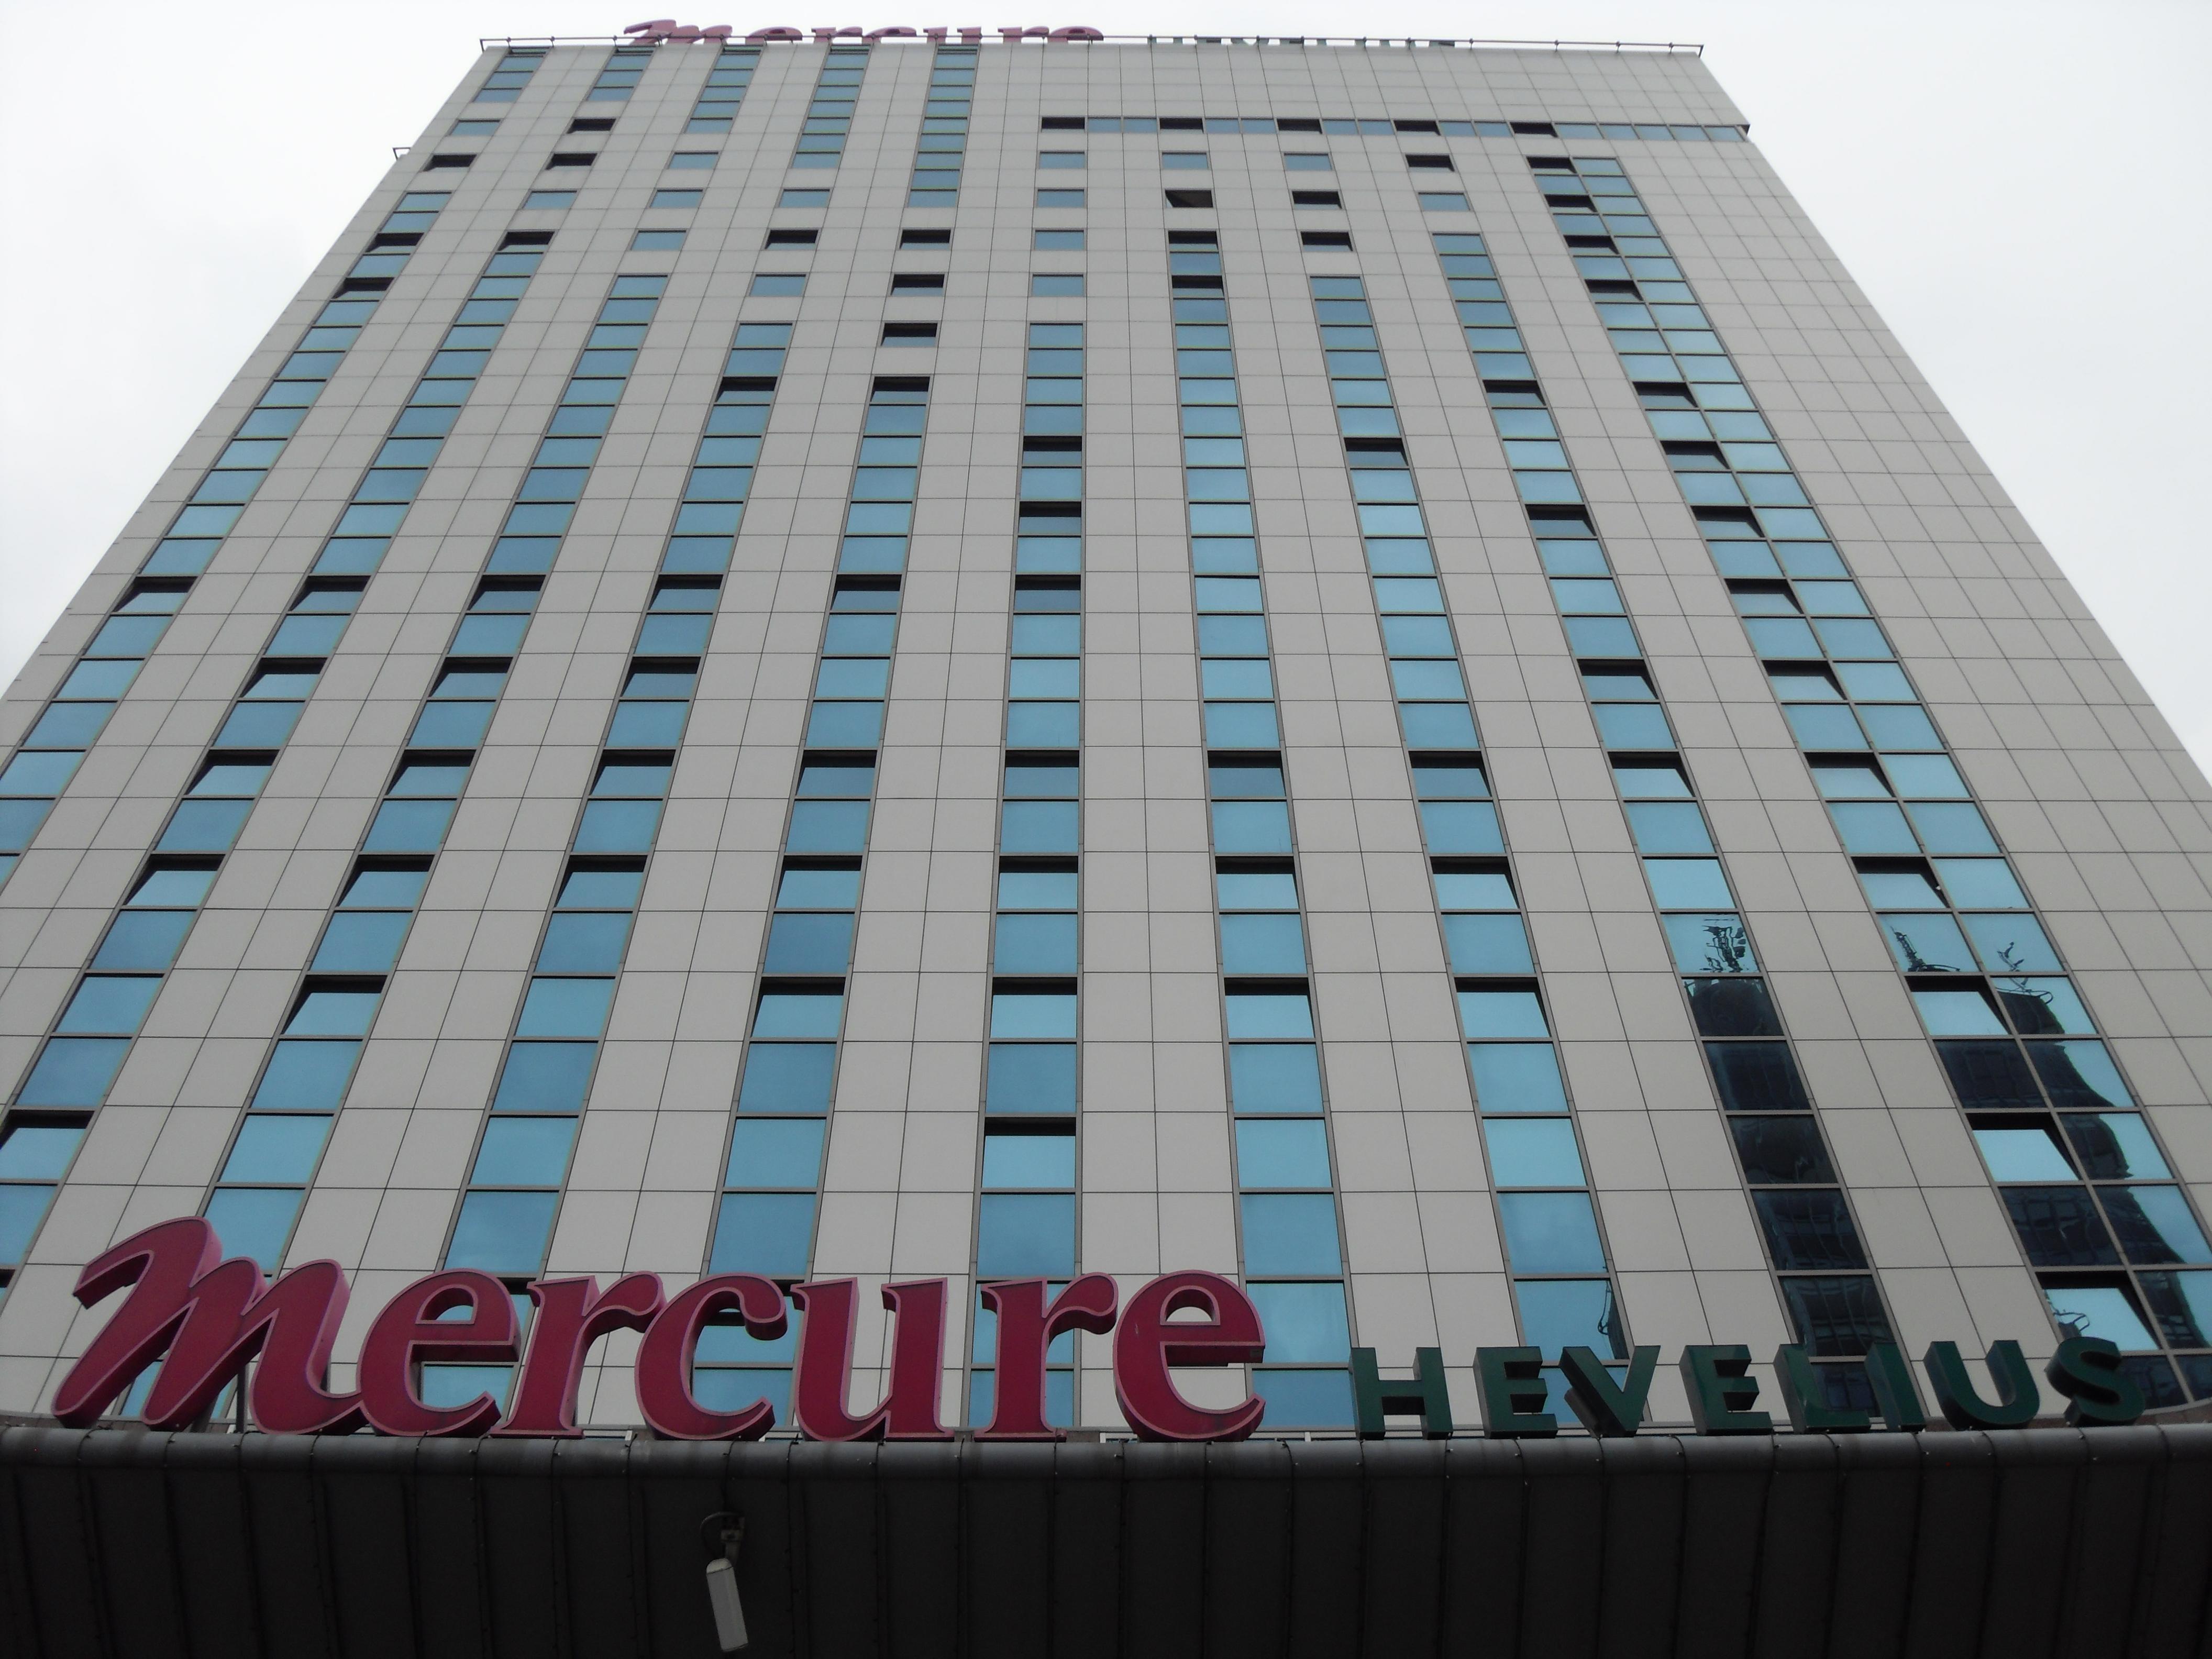 Mercure Hotel And Residenz Berlin